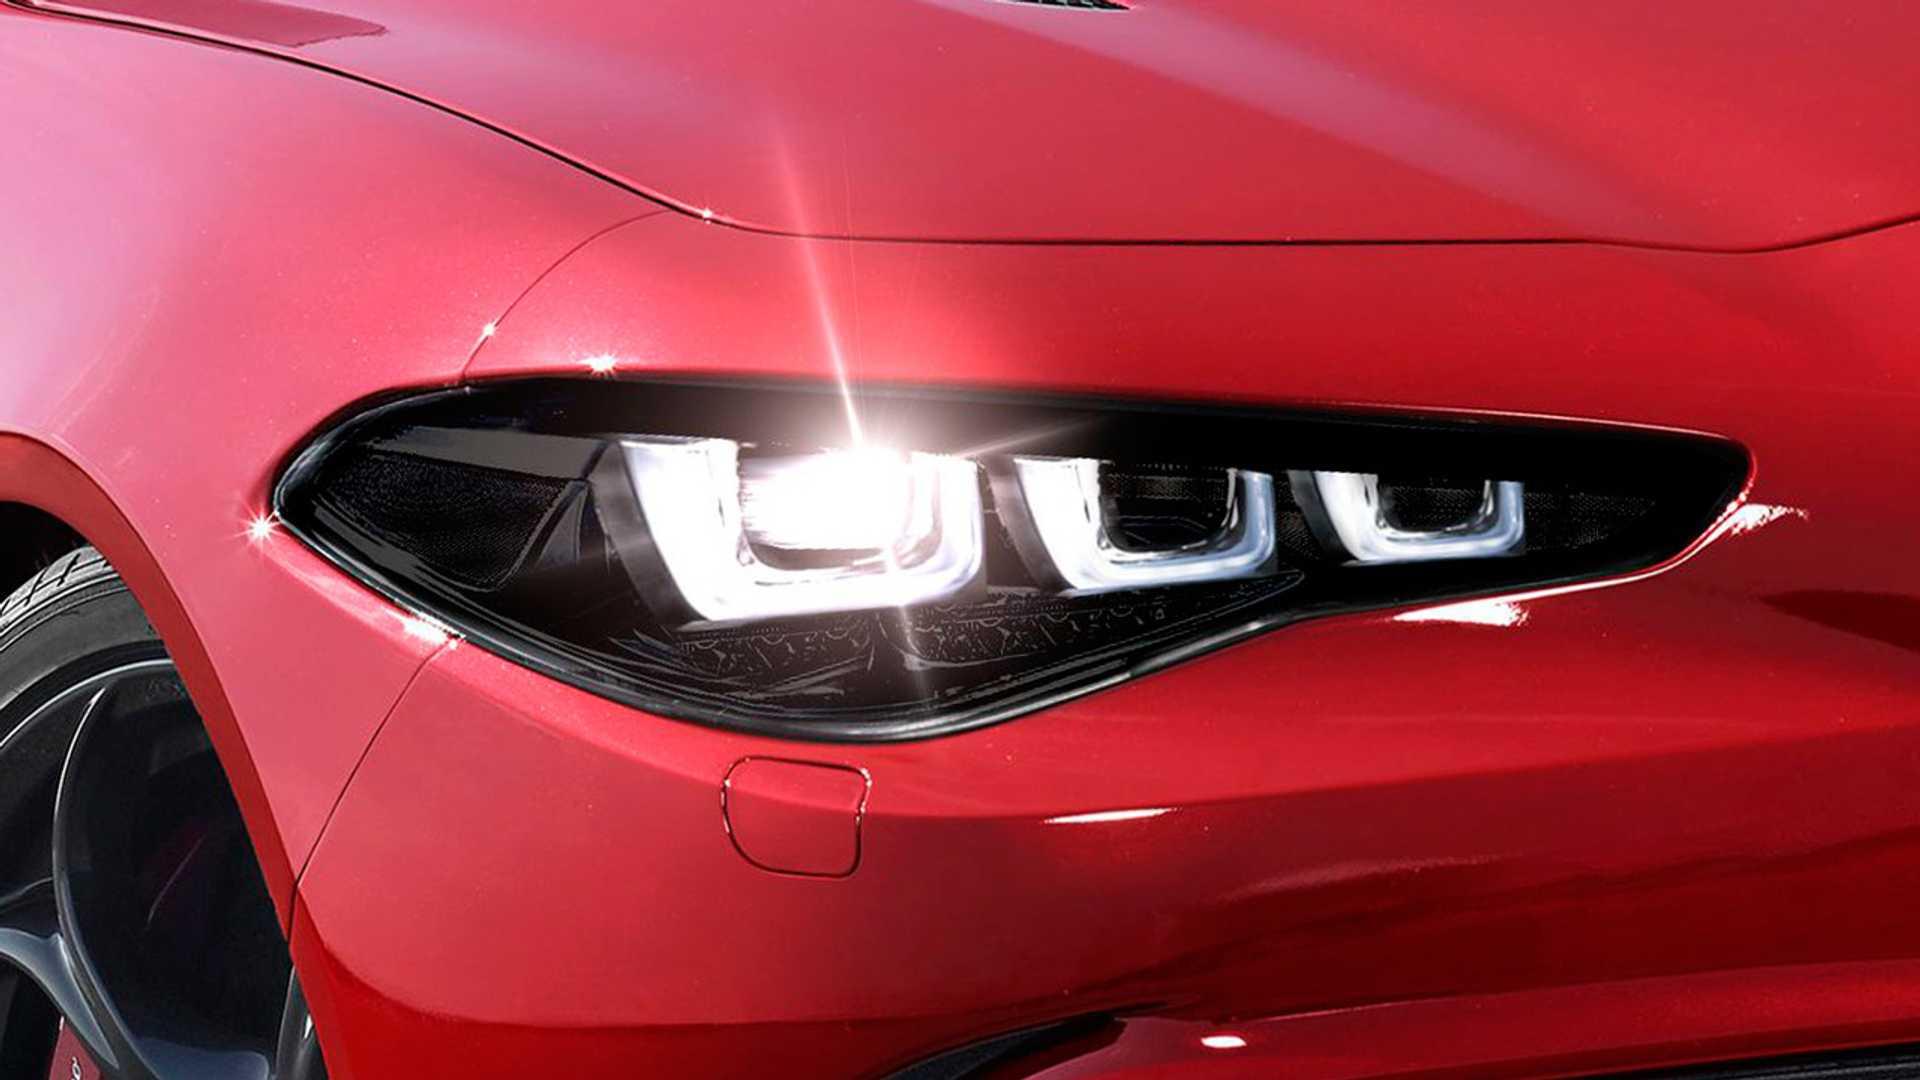 Alfa Romeo Gtv Imagined As A Stunning 600 Hp Giulia Coupe